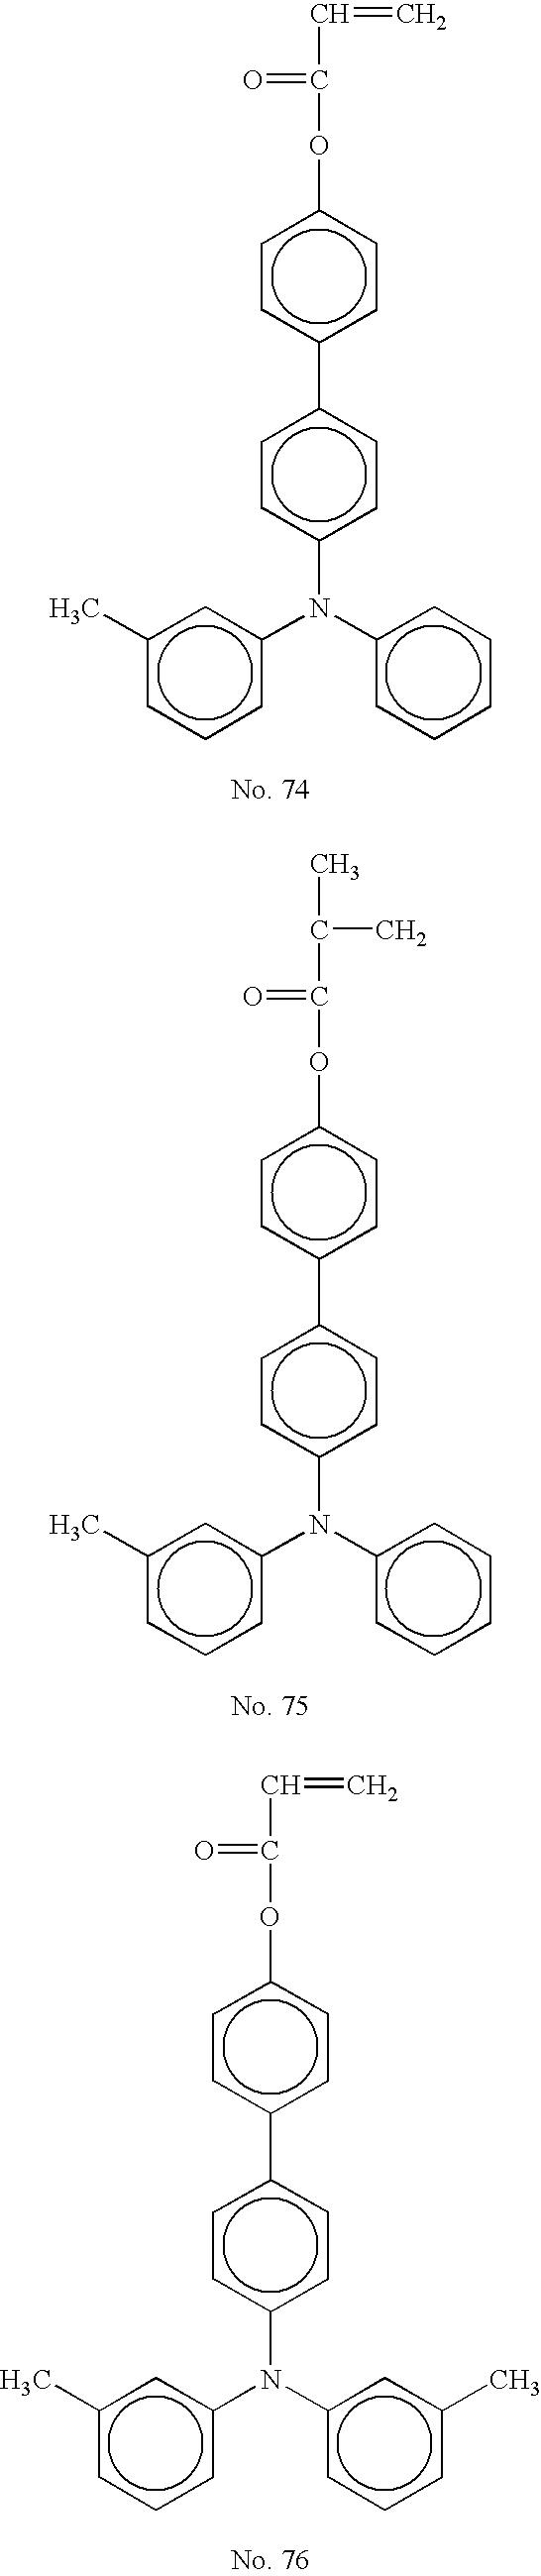 Figure US20070196749A1-20070823-C00027